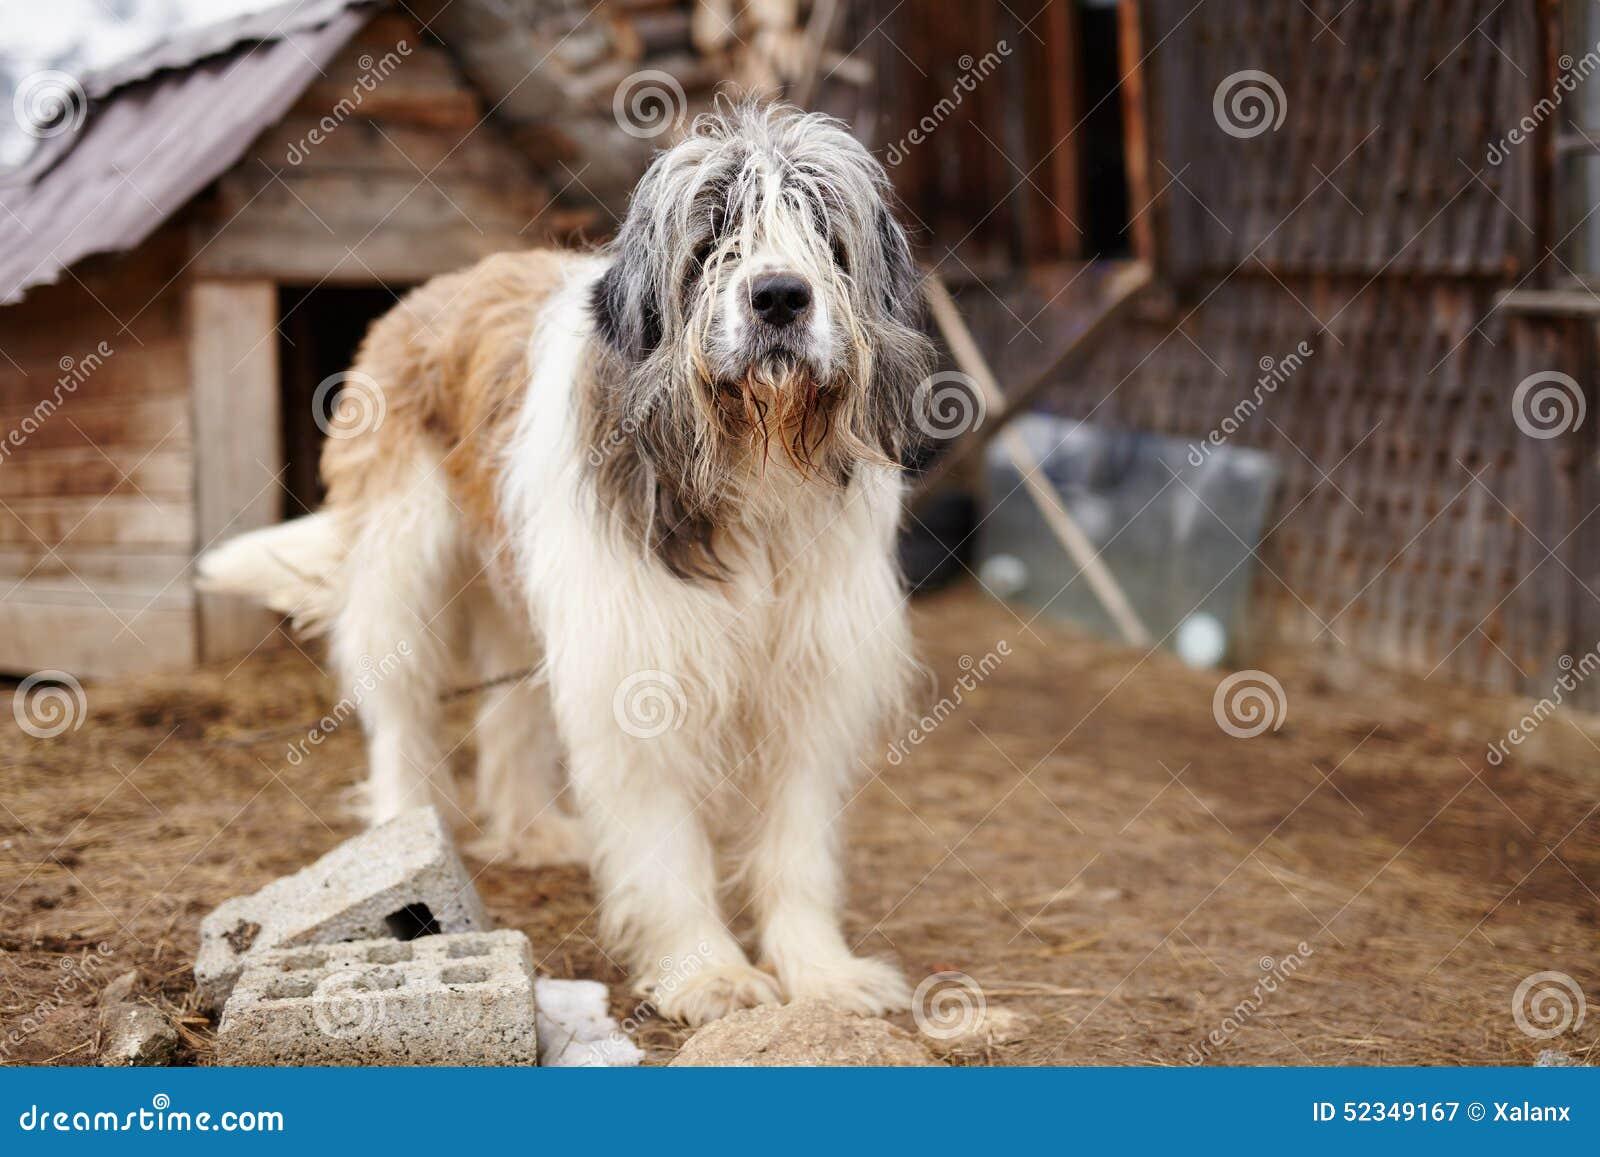 Berger carpathien Dog se tenant dans la cour